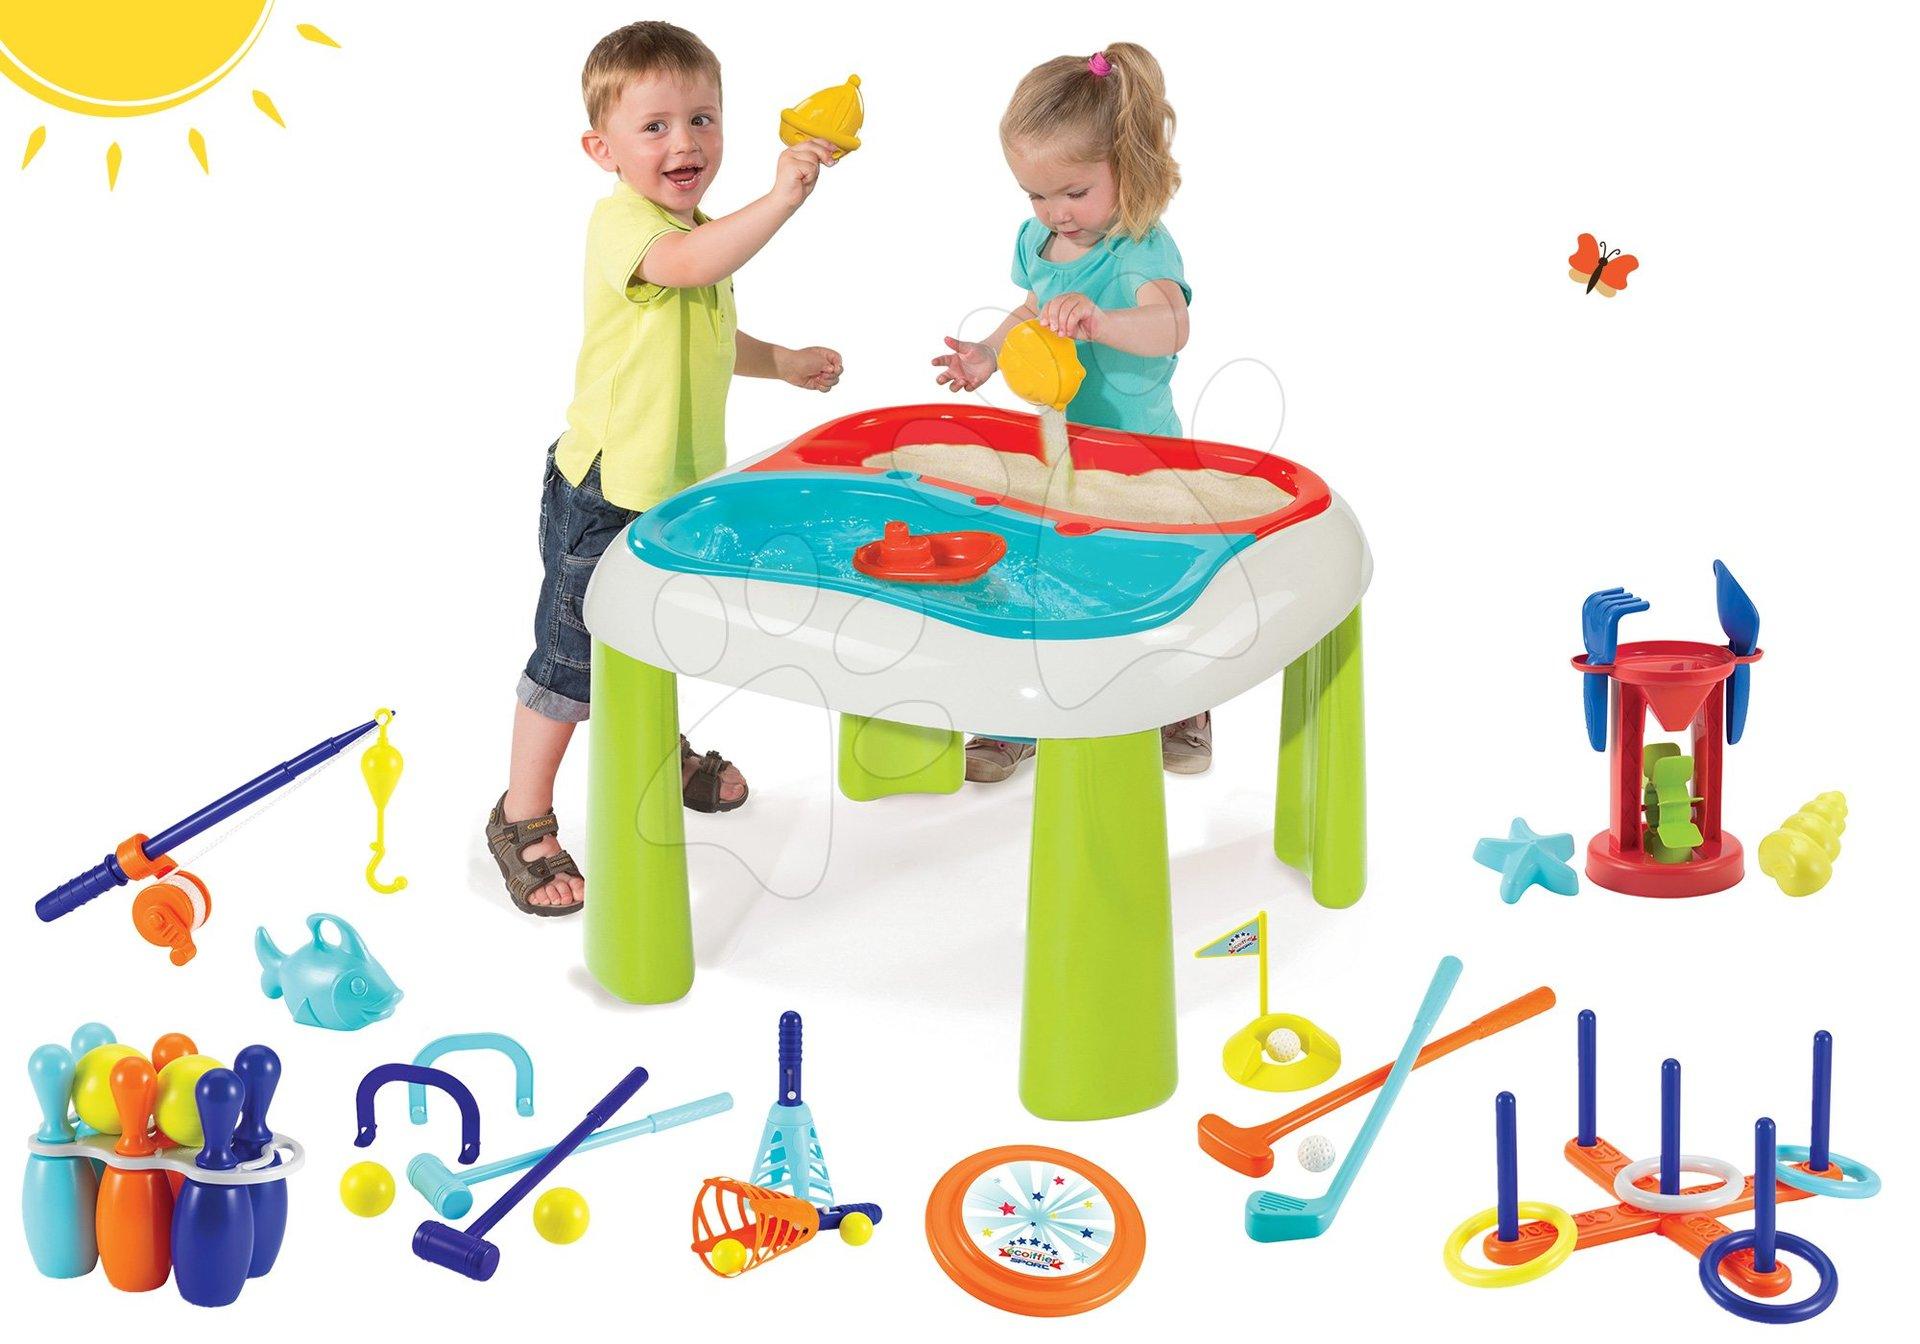 Smoby stolík na hranie Voda&Piesok a Écoiffier súprava športových hier pre deti 840107-5